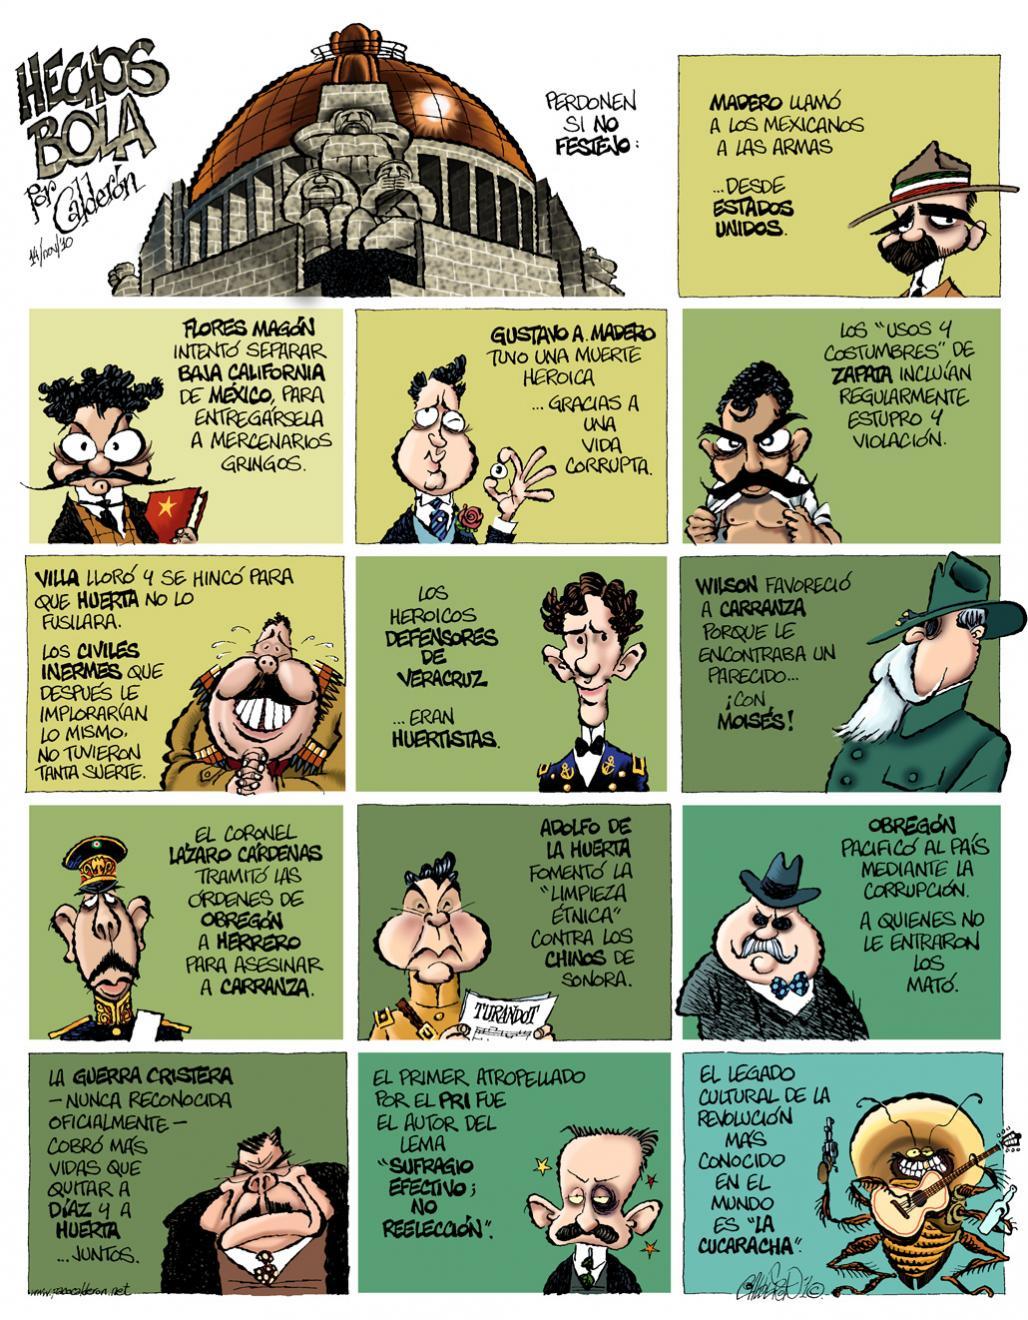 Hechos Bolas - Calderón